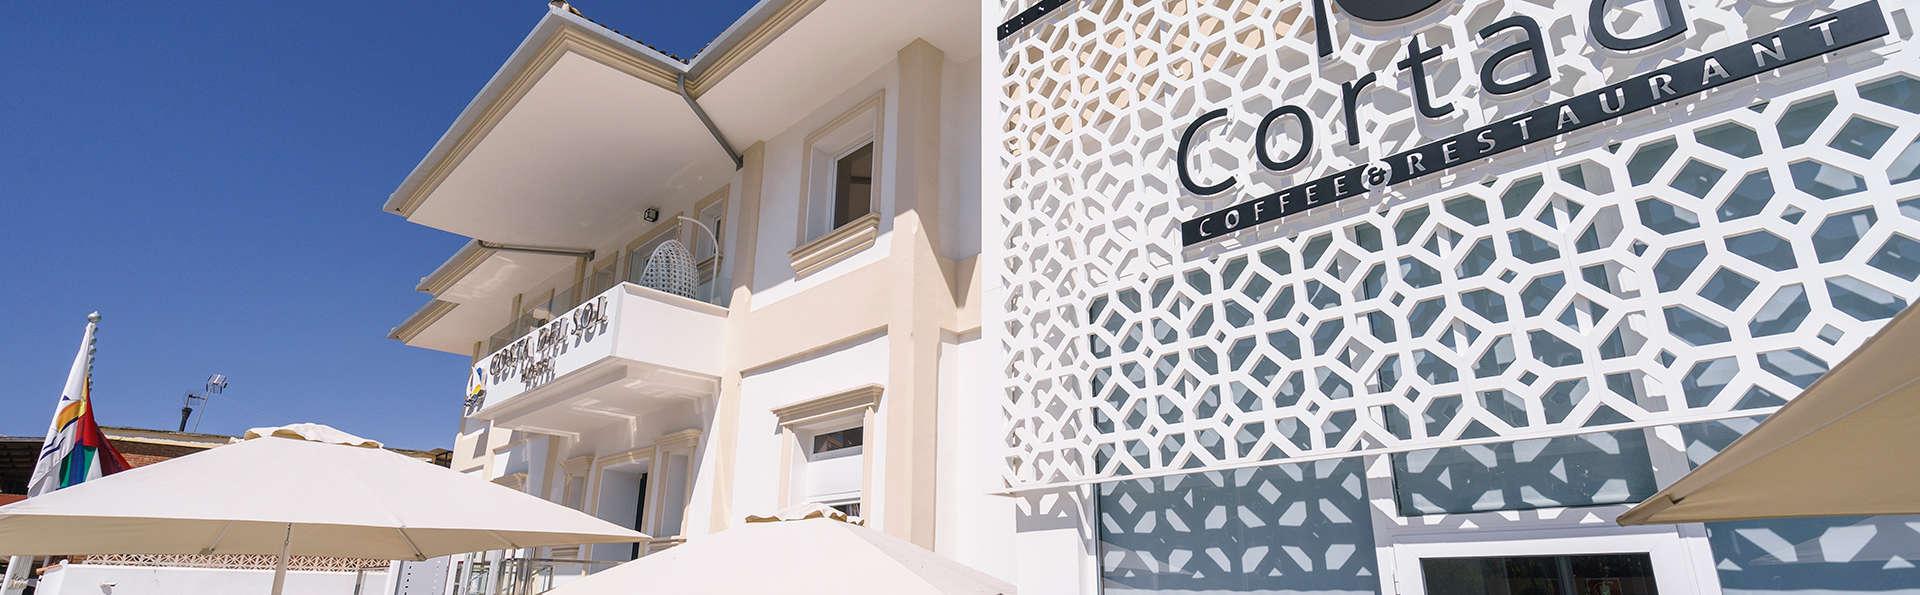 Costa del Sol Torremolinos Luxury Boutique Hotel - EDIT_NEW_FRONT2.jpg